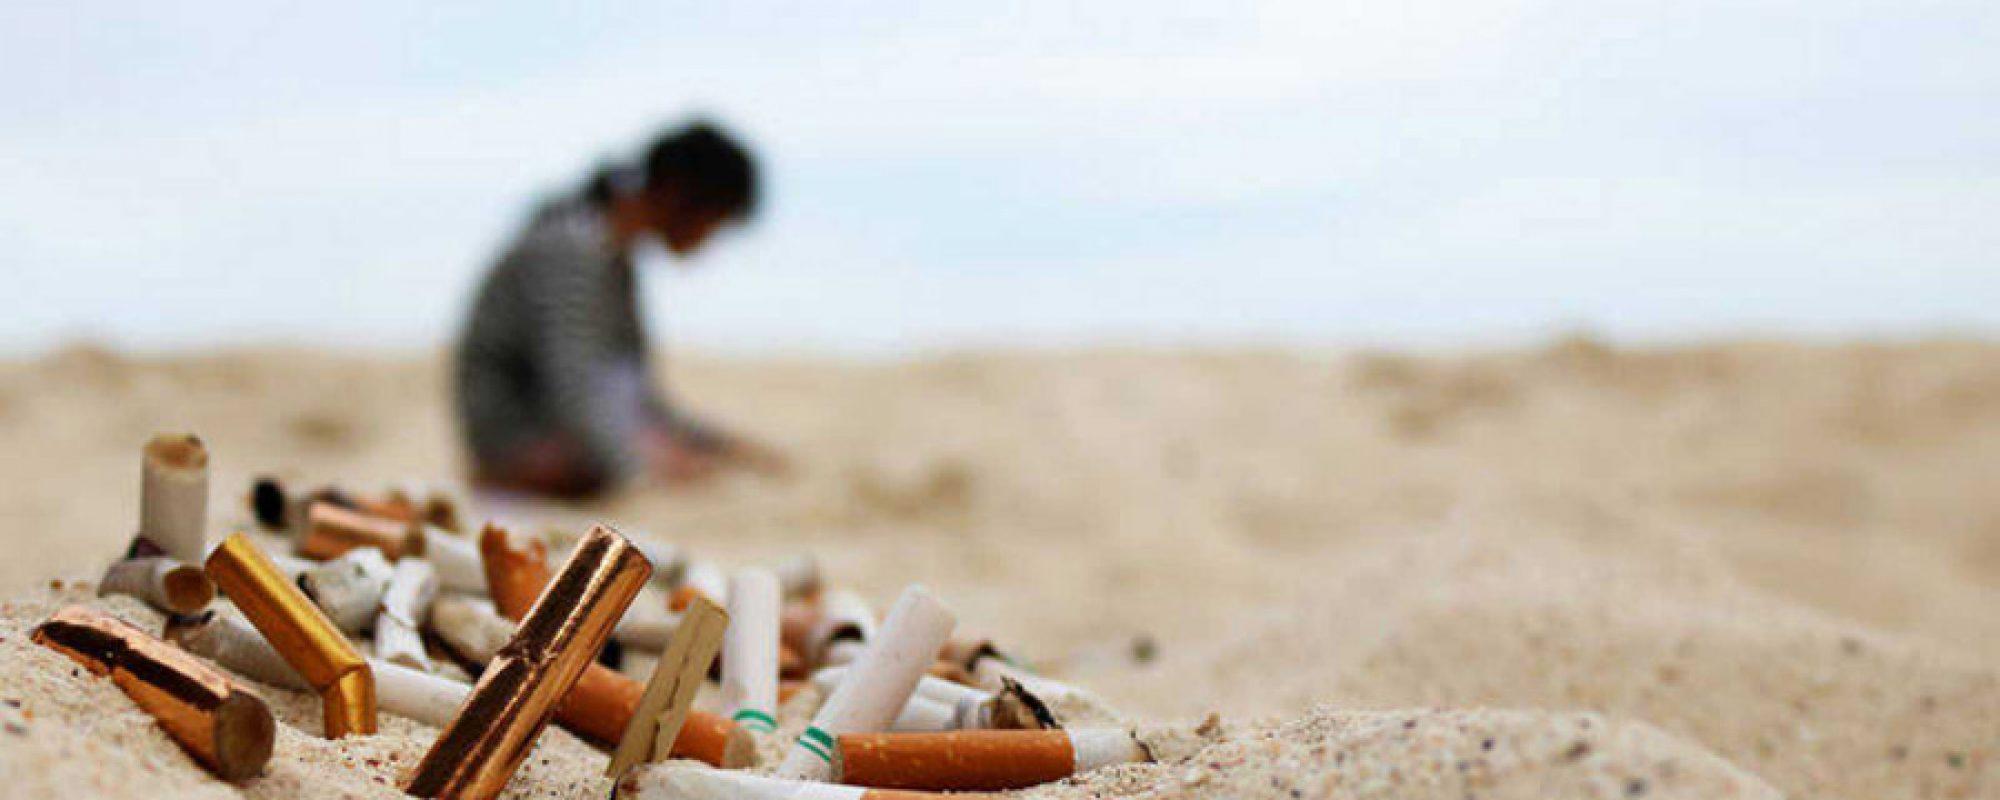 colillas_playa_problema_medioambientalok